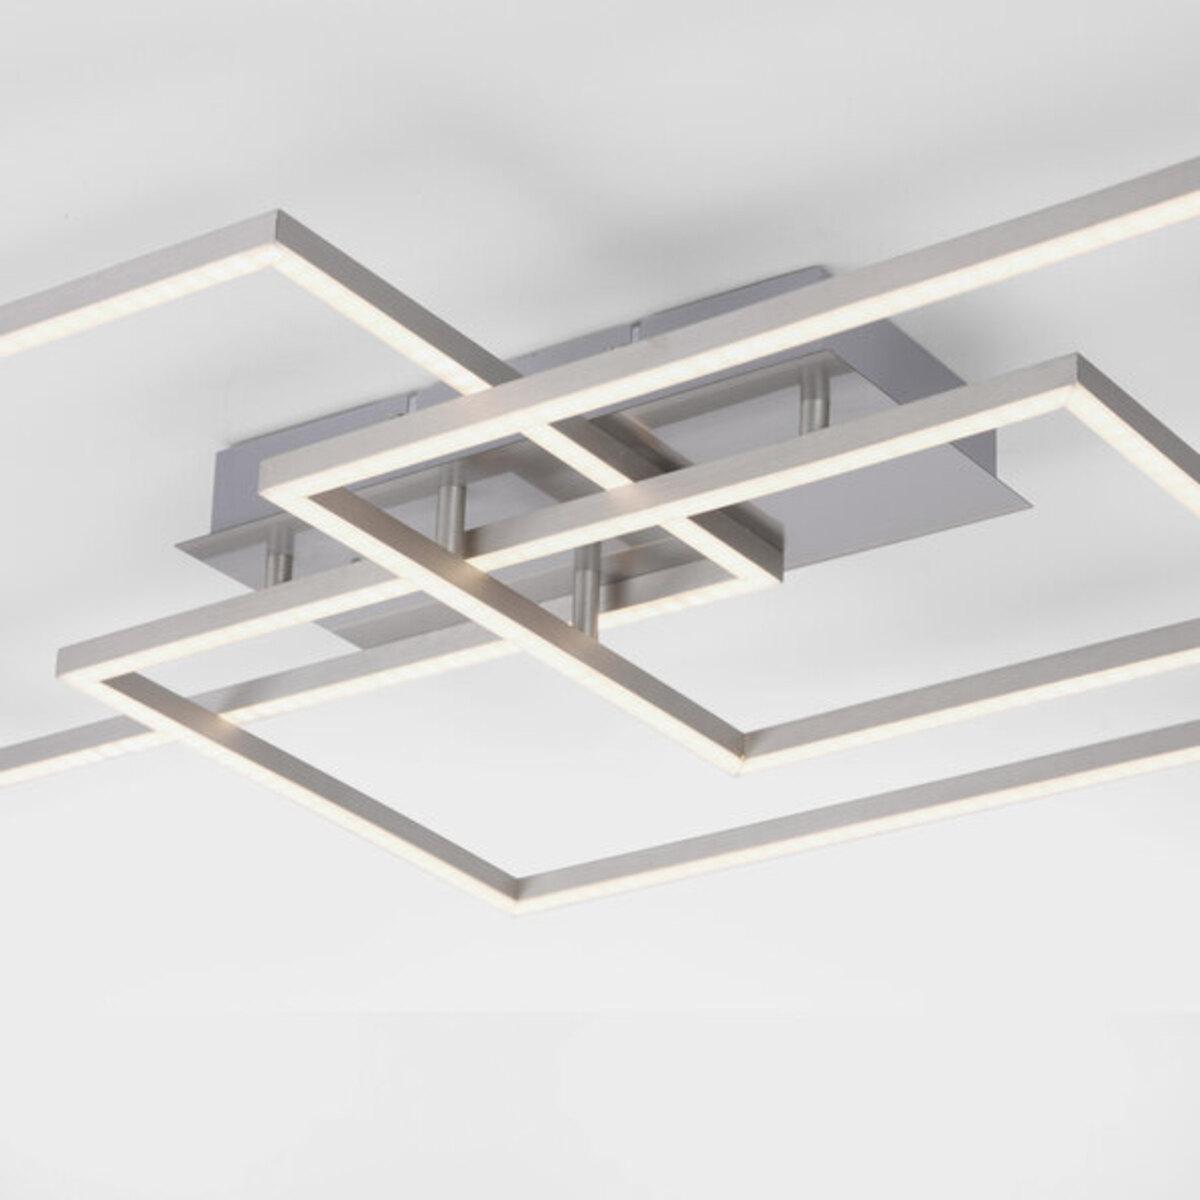 Bild 5 von LED-Deckenleuchte Leuchten Direkt Iven 2.0